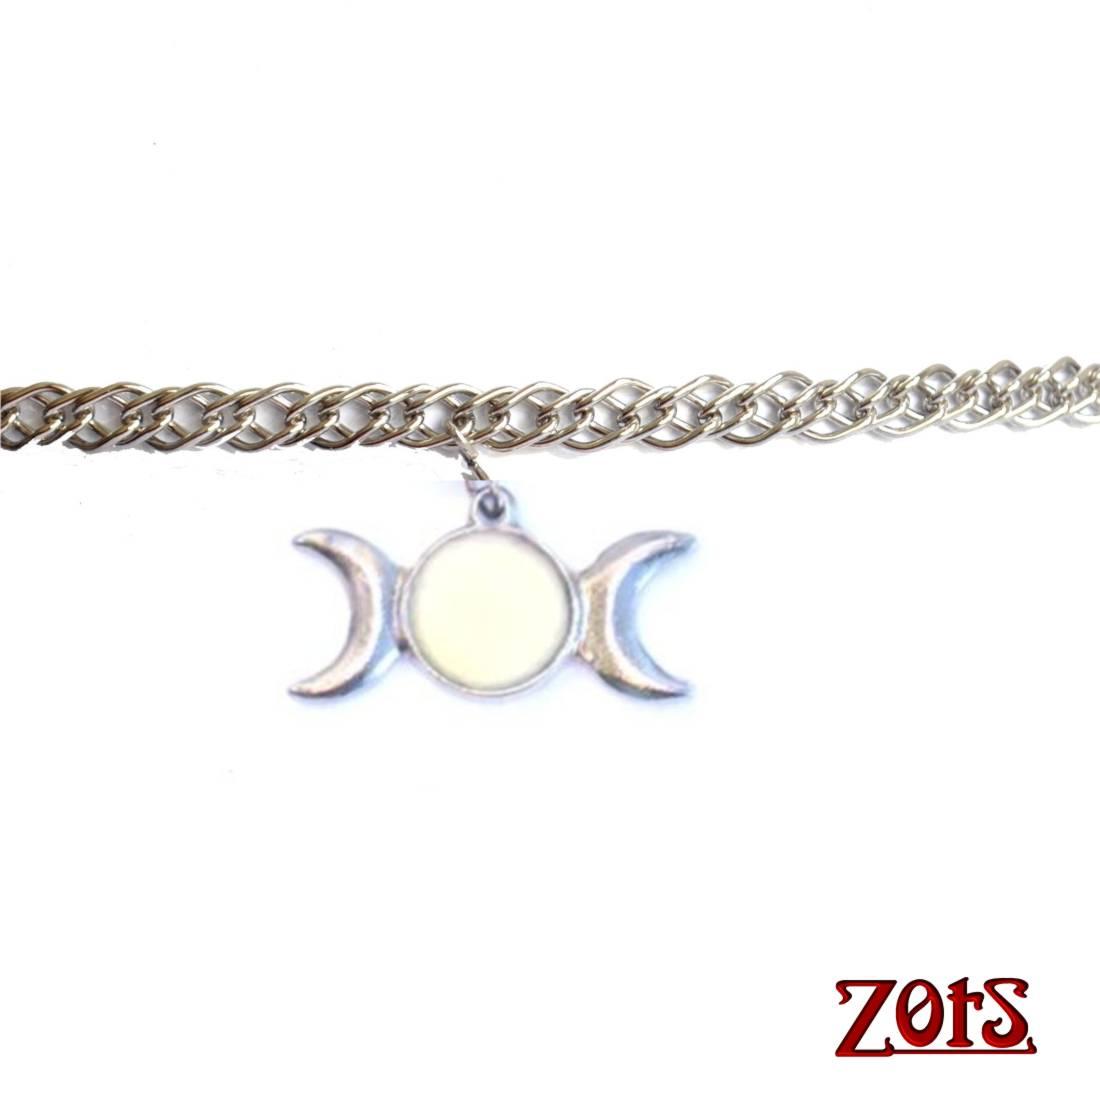 Circlet Triluna Branco  - Zots - Leila Cabanas Azevedo